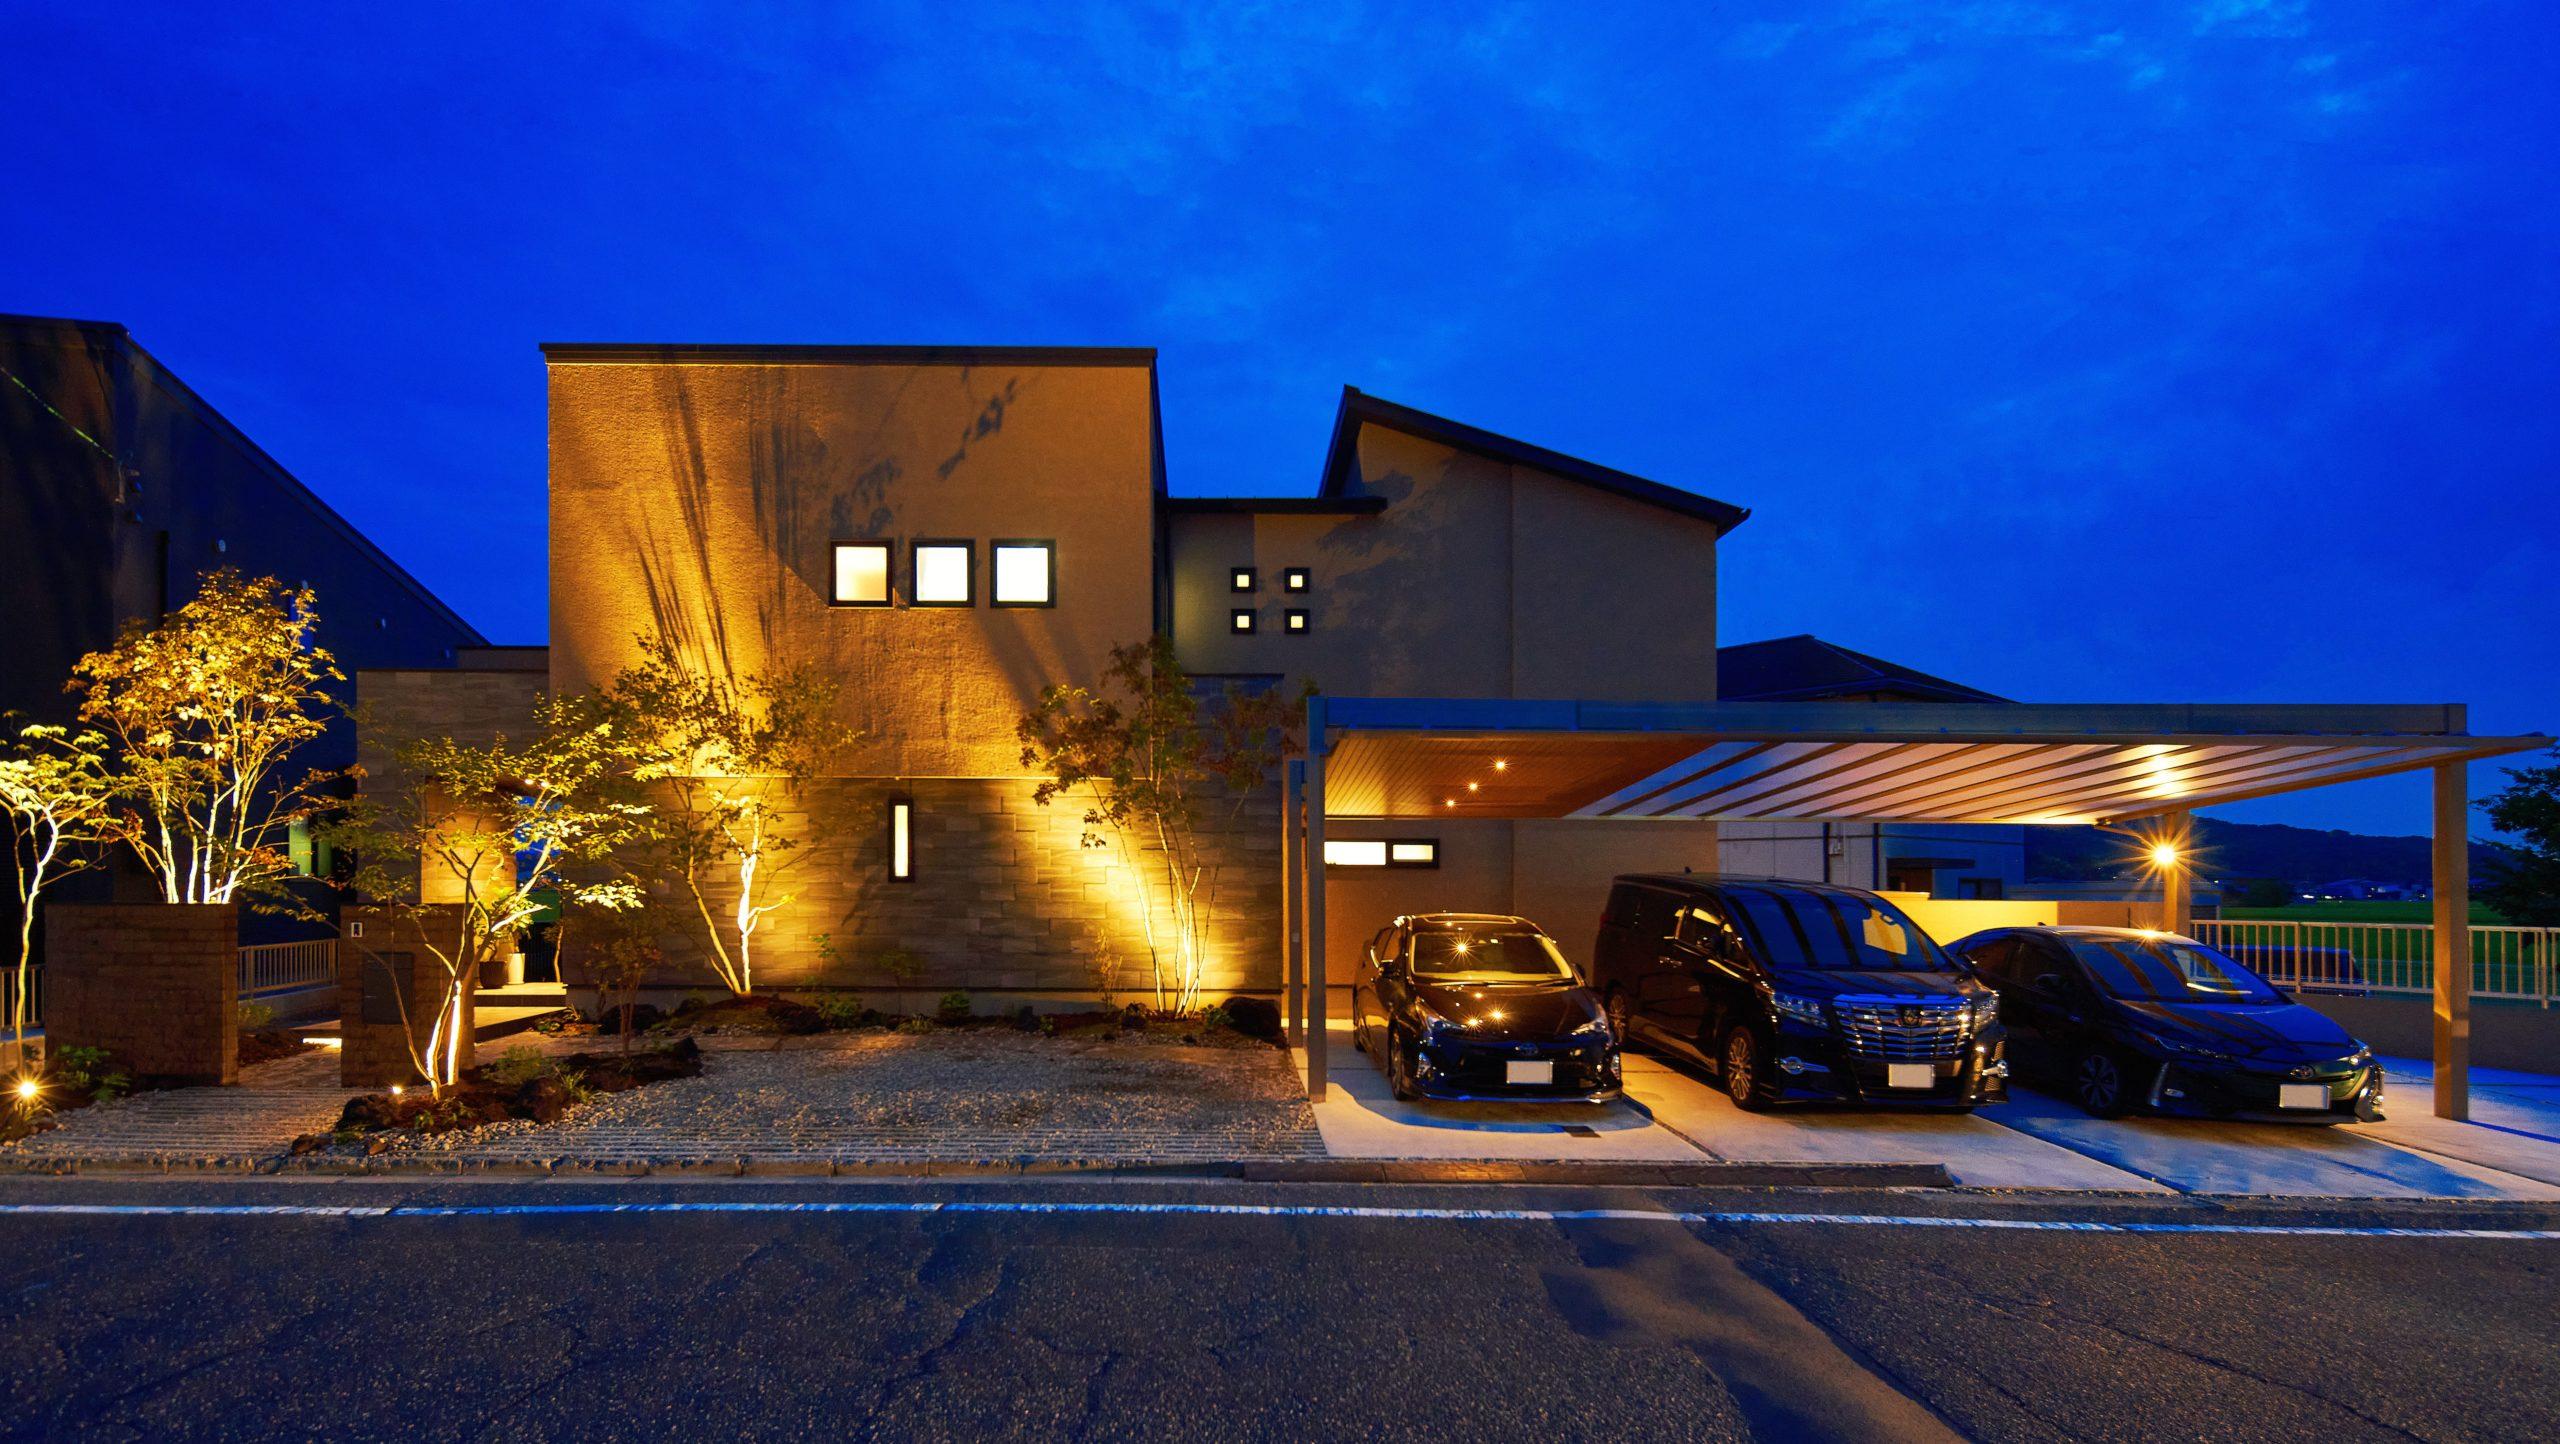 工夫満載、細部までこだわりぬいた家族に寄り添う家。 イメージ